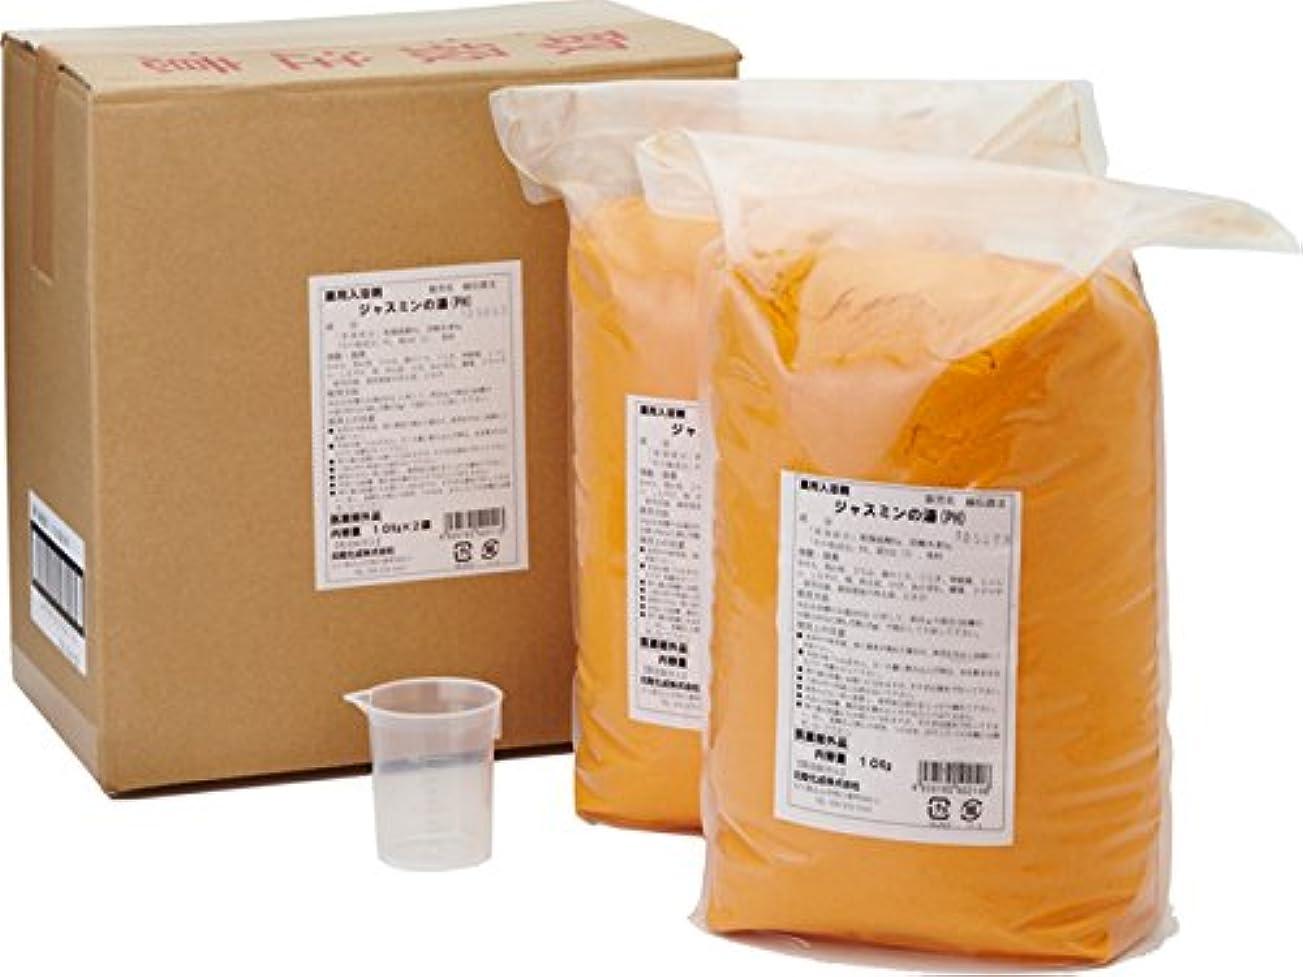 クリーナー知覚するマーケティング入浴剤 ジャスミンの湯 / 20kg(10kg×2) ケース